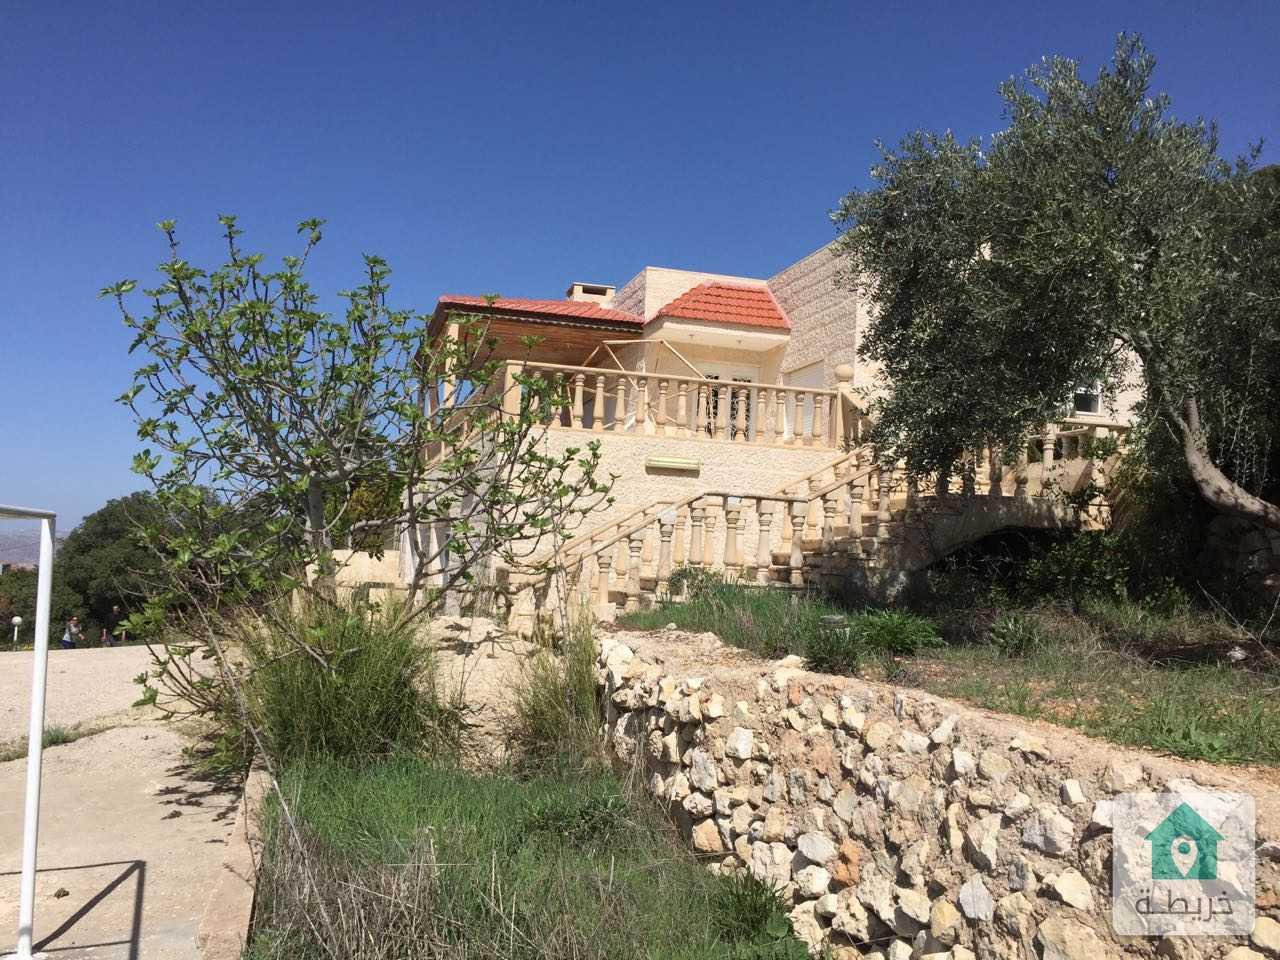 شبه ڤيلا حجر بإطلالة مميزة جدا على فلسطين بمنطقة منتزه زي